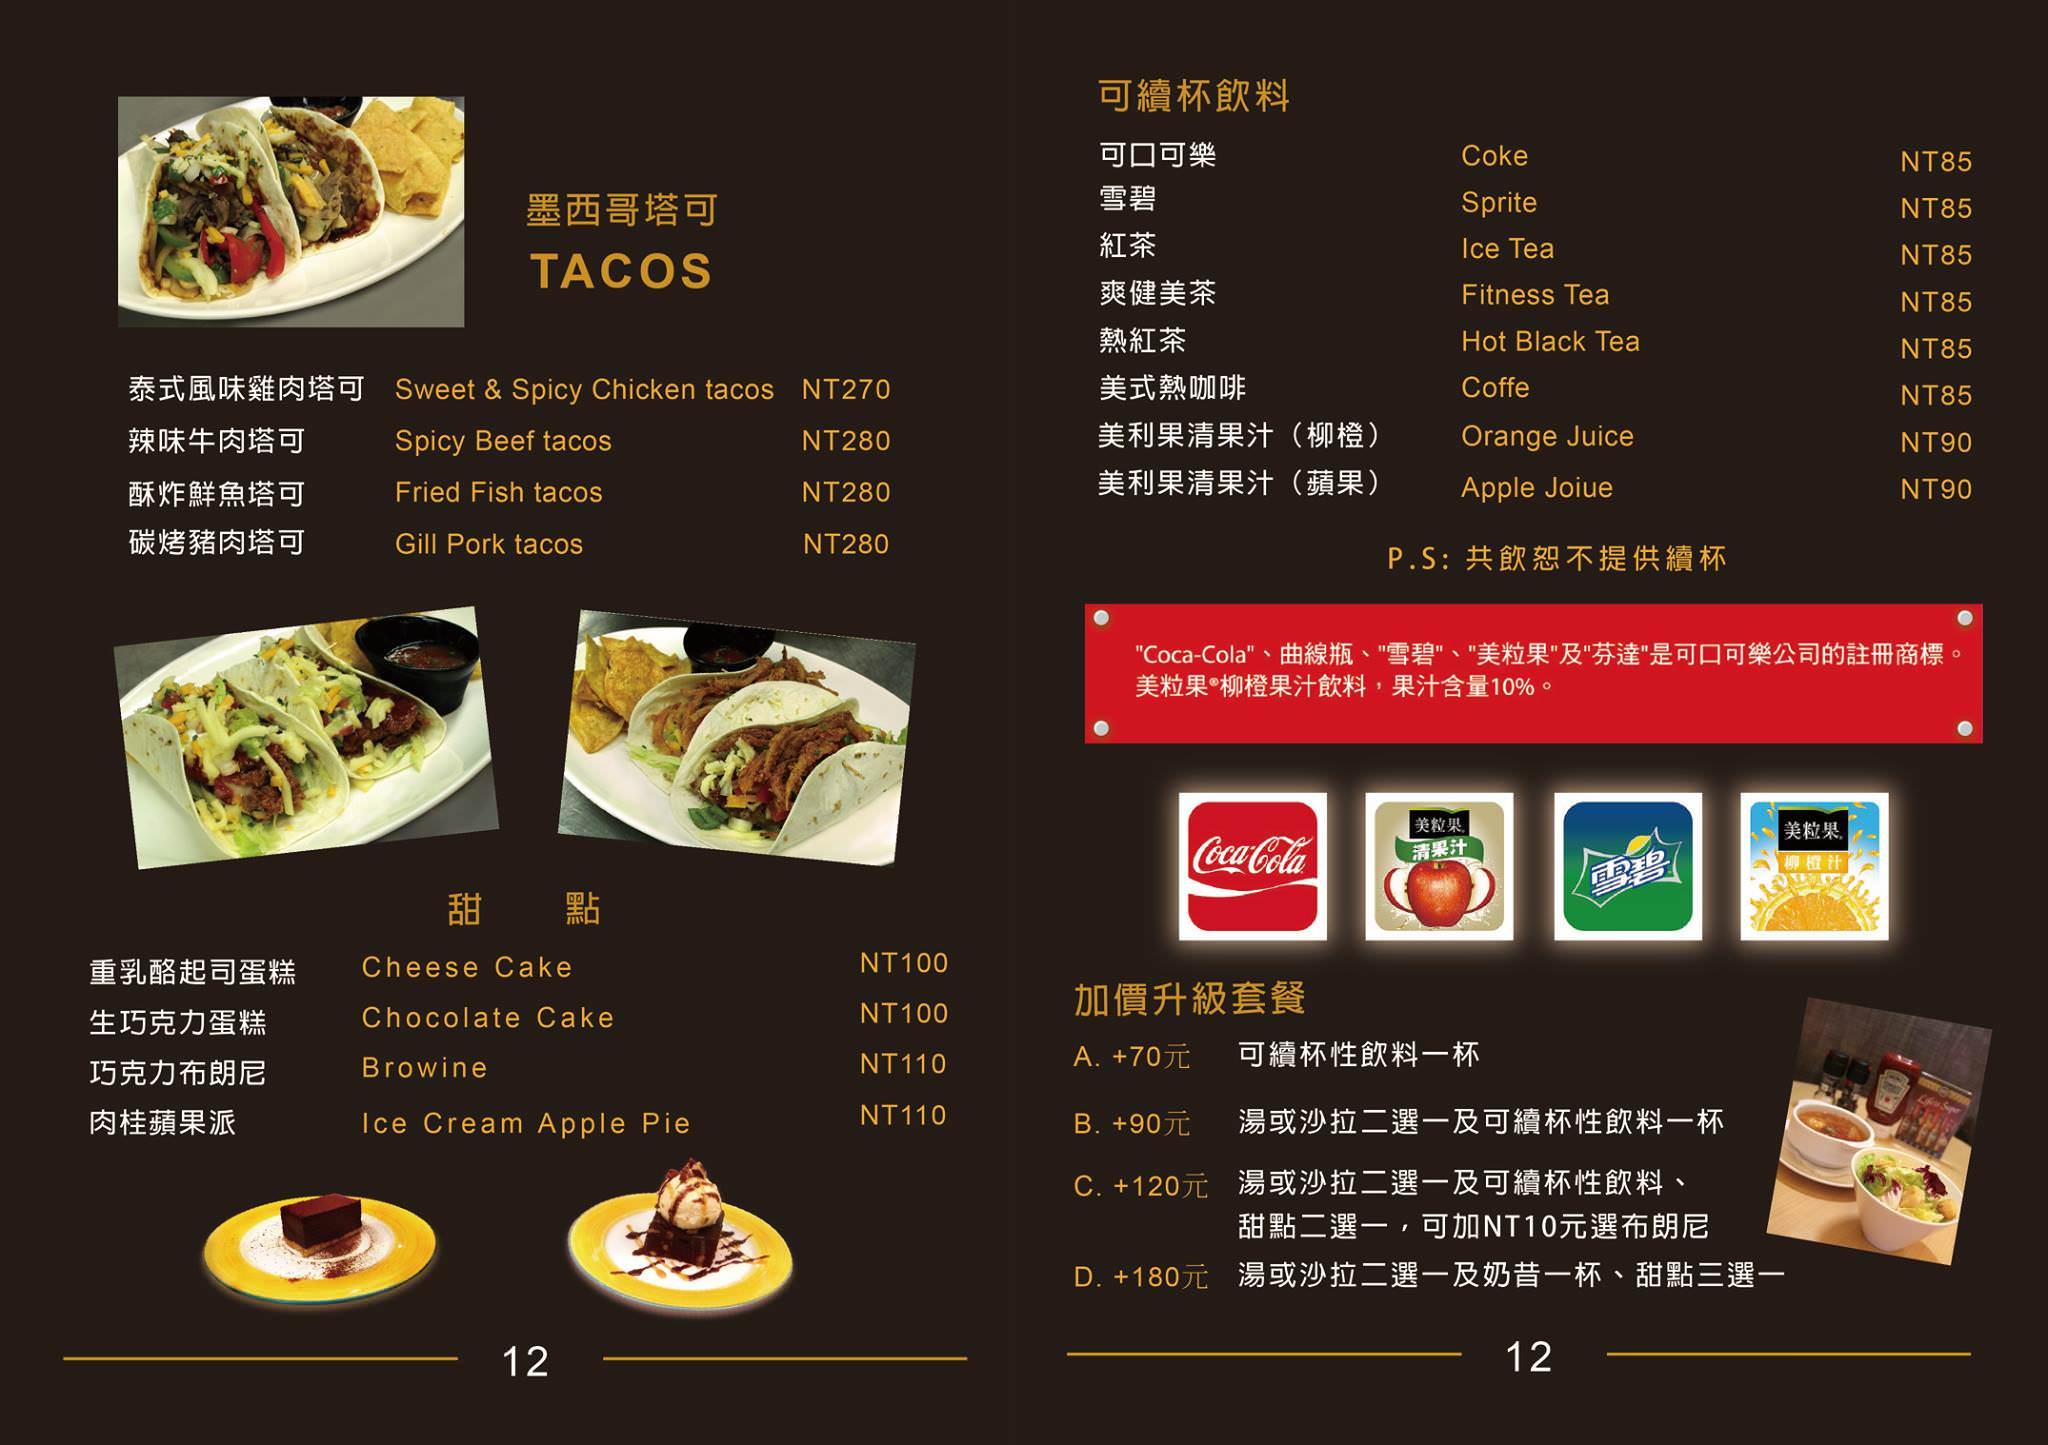 餐廳台北,餐廳推薦,AK12,AK12美式小館,台北捷運,捷運美食,西門美食,西門町 餐廳,美式餐廳,巴克斯,調酒-59